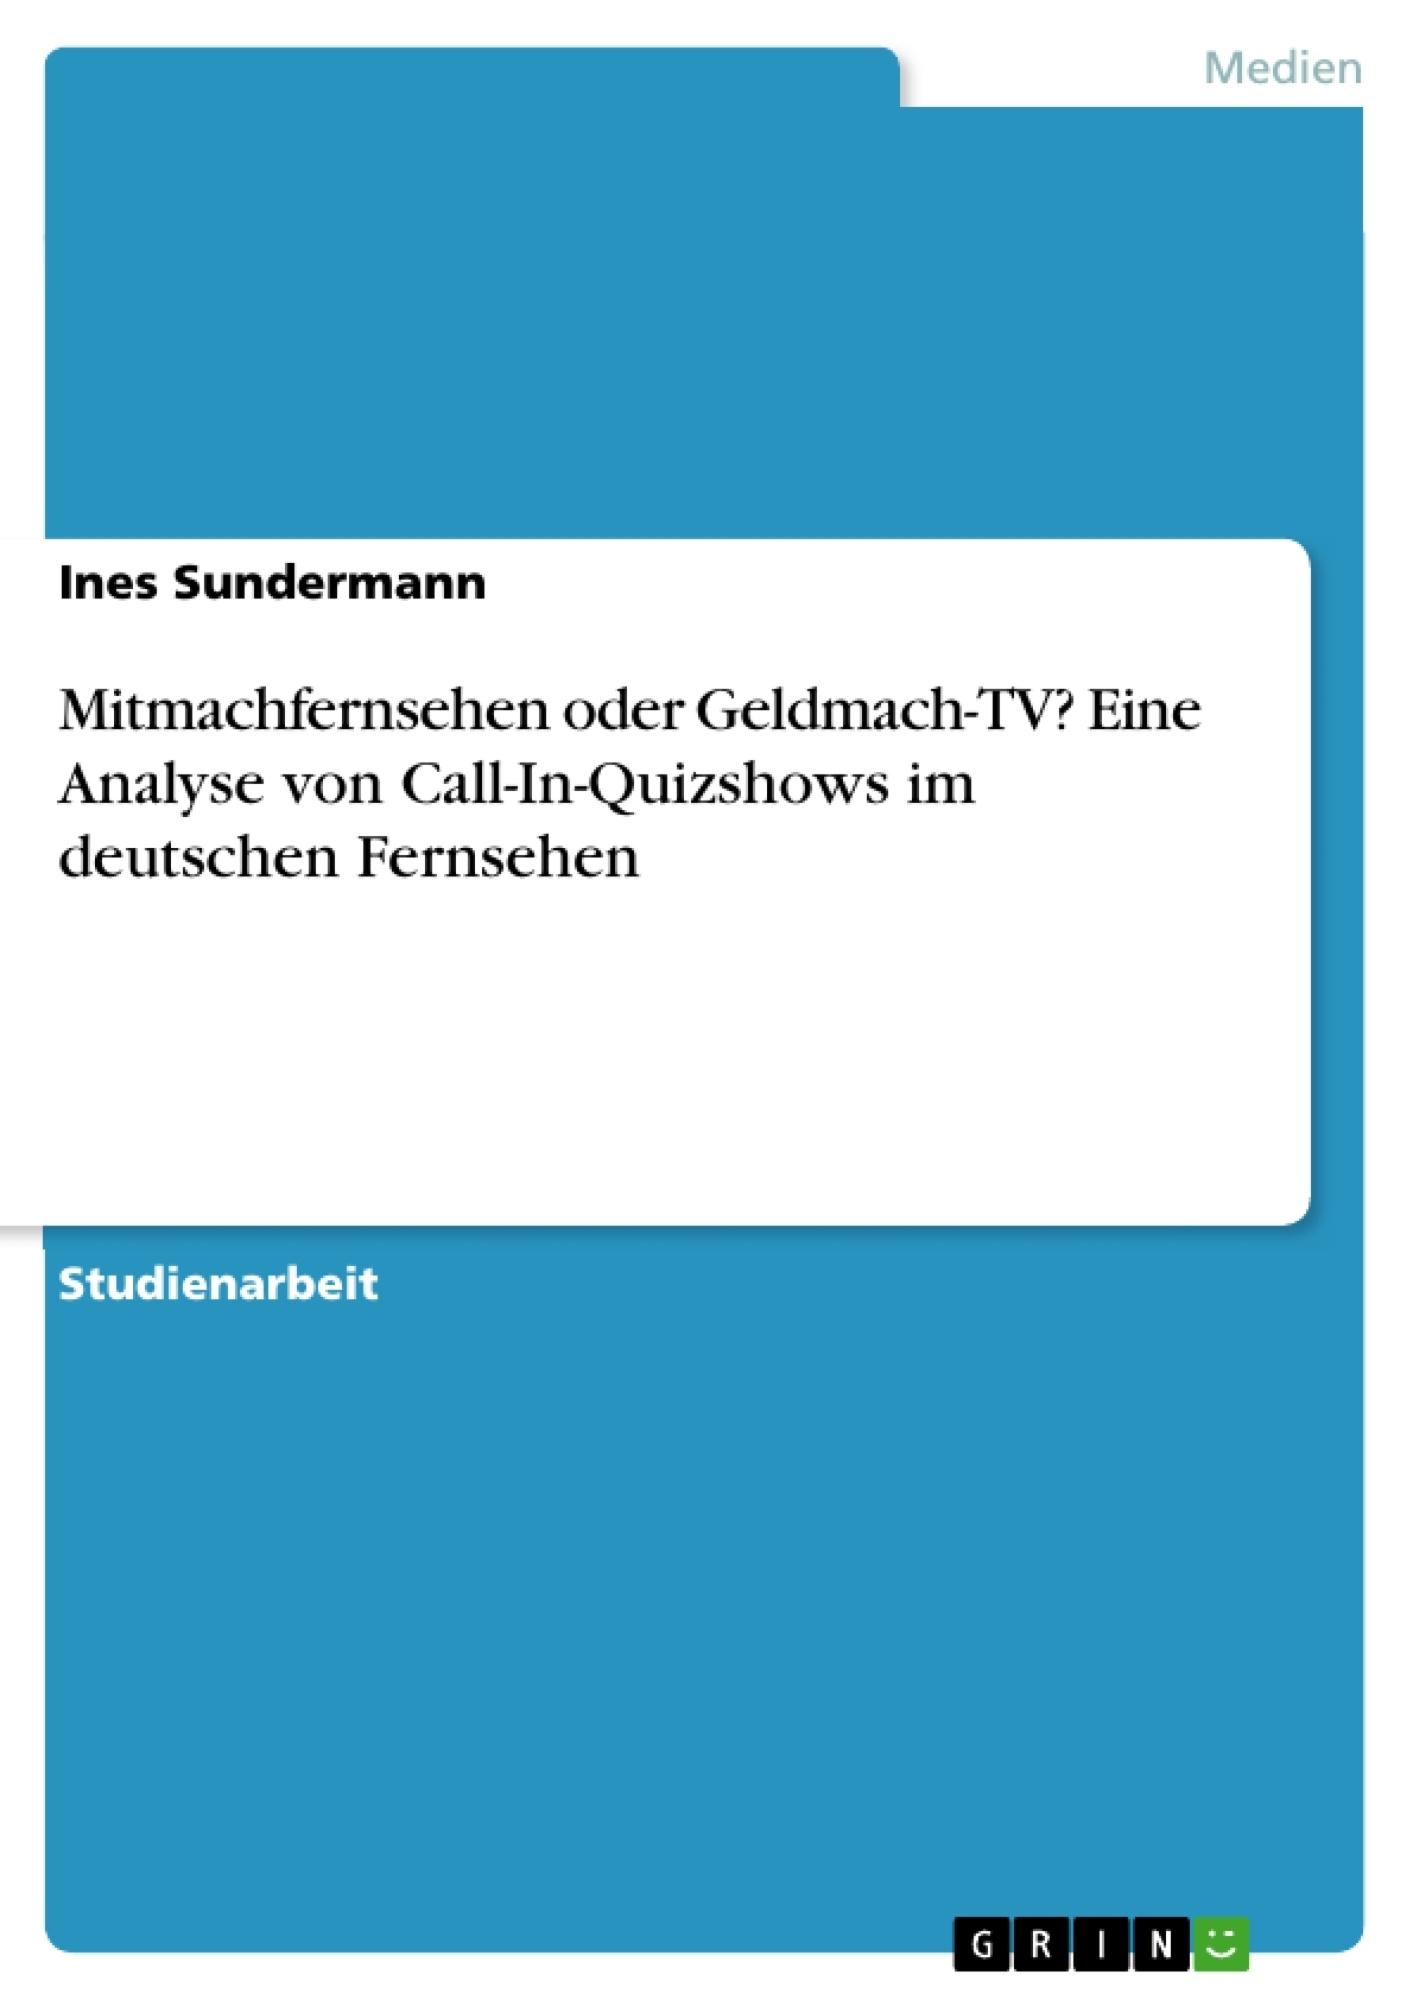 Titel: Mitmachfernsehen oder Geldmach-TV? Eine Analyse von Call-In-Quizshows im deutschen Fernsehen